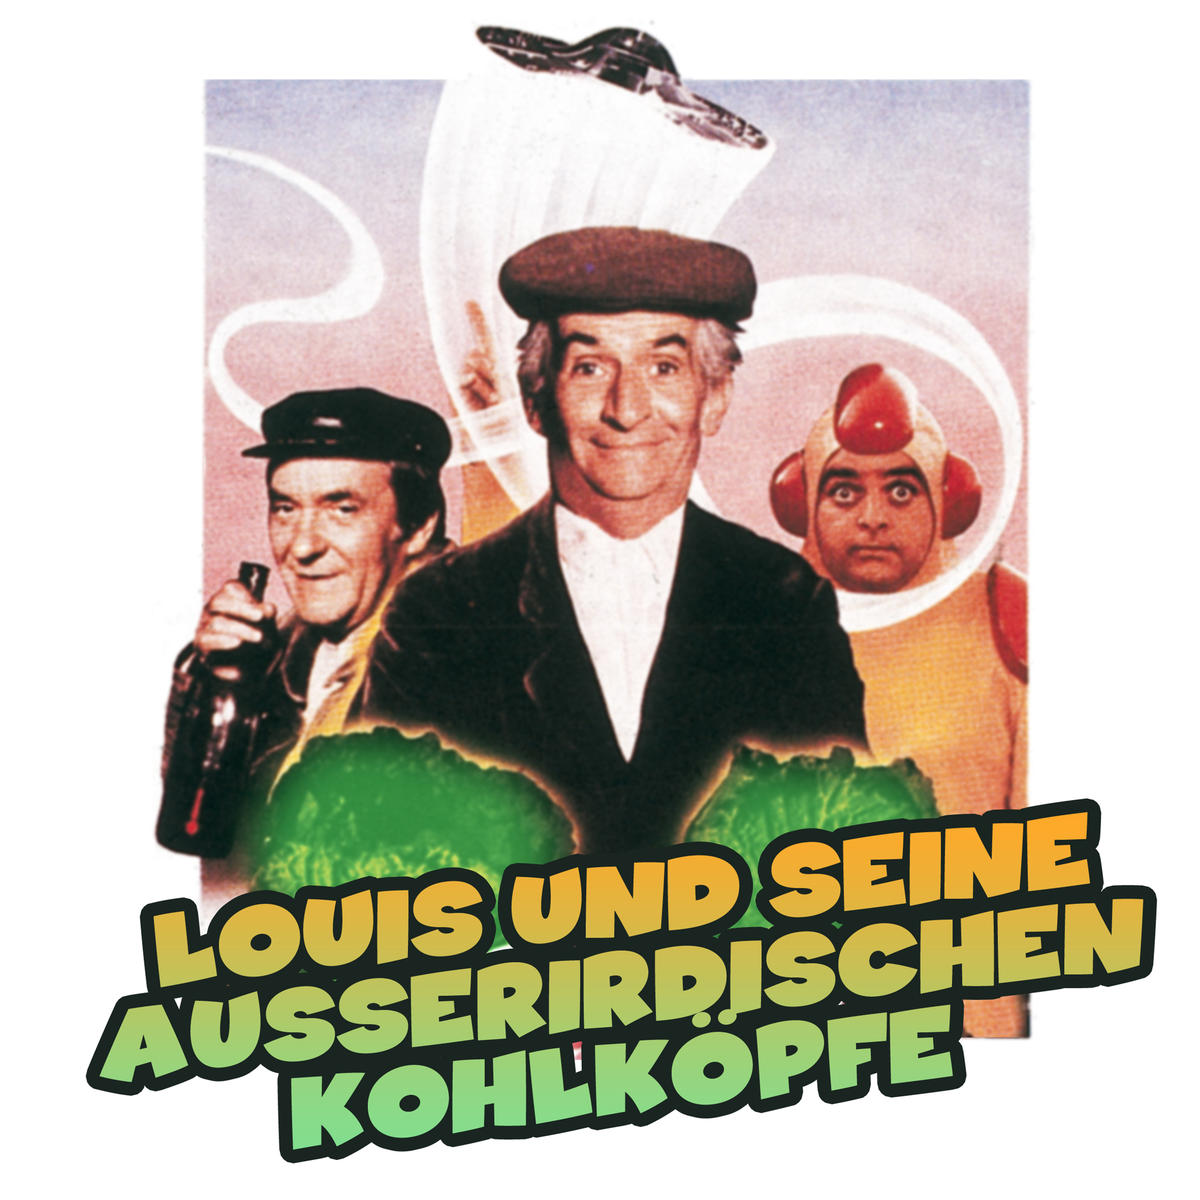 Louis Und Seine Ausserirdischen Kohlköpfe